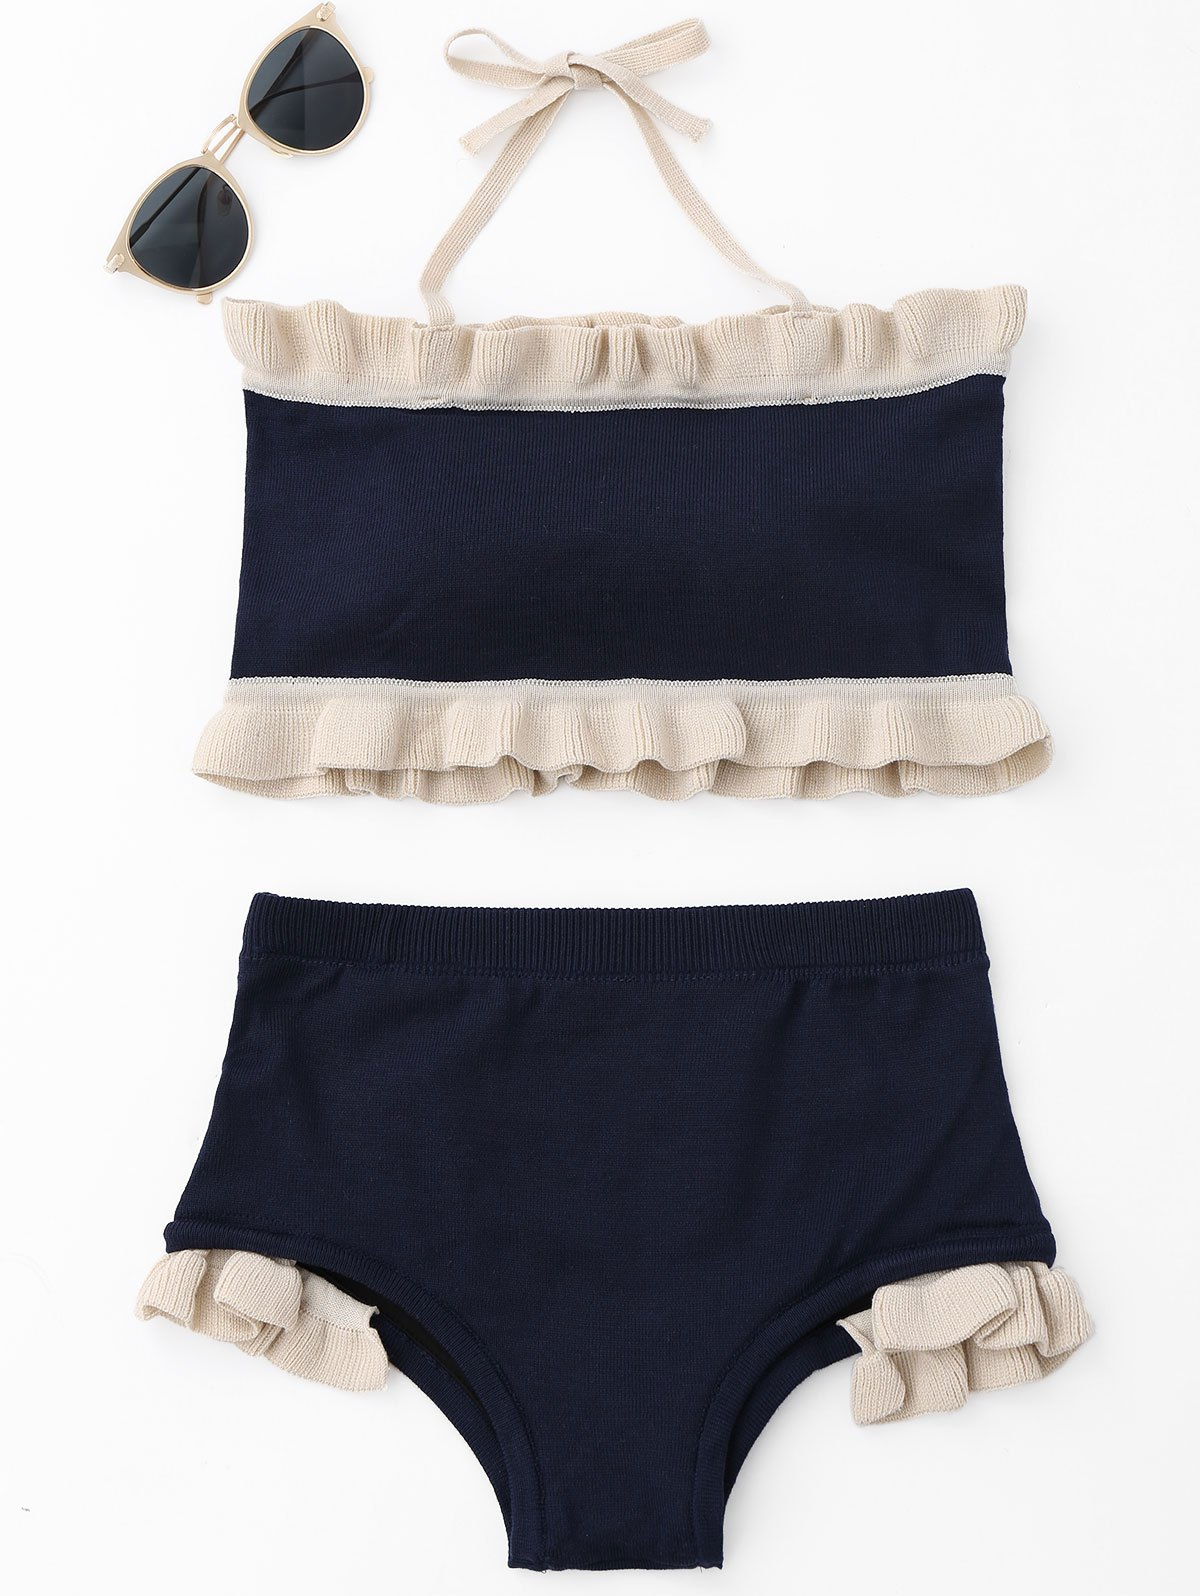 Ruffle Knit Halter Bikini Set 221667502